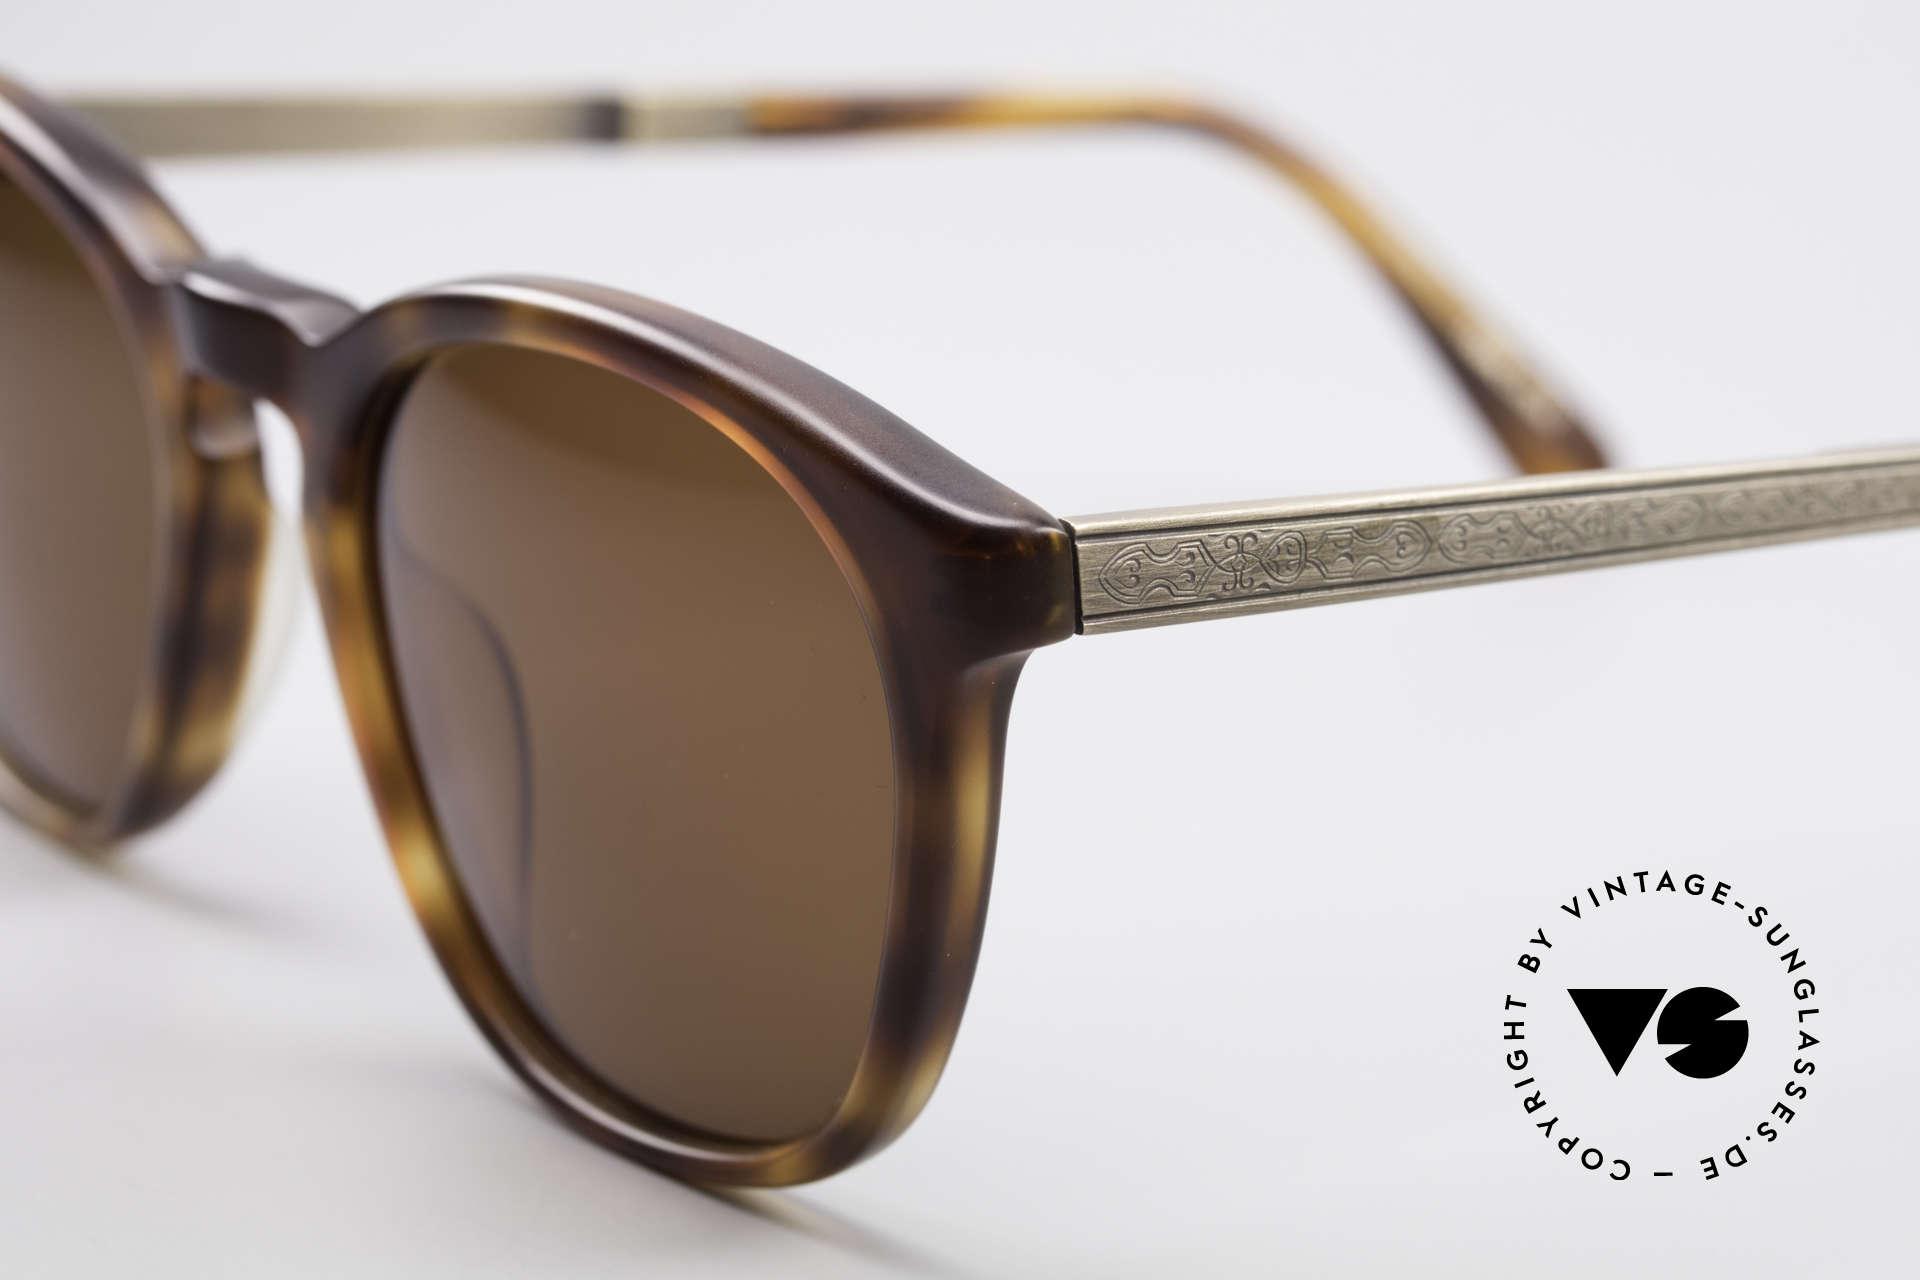 Matsuda 2816 90er Vintage Sonnenbrille, Gläser mit enormer Sättigung (100% UV Schutz), Passend für Herren